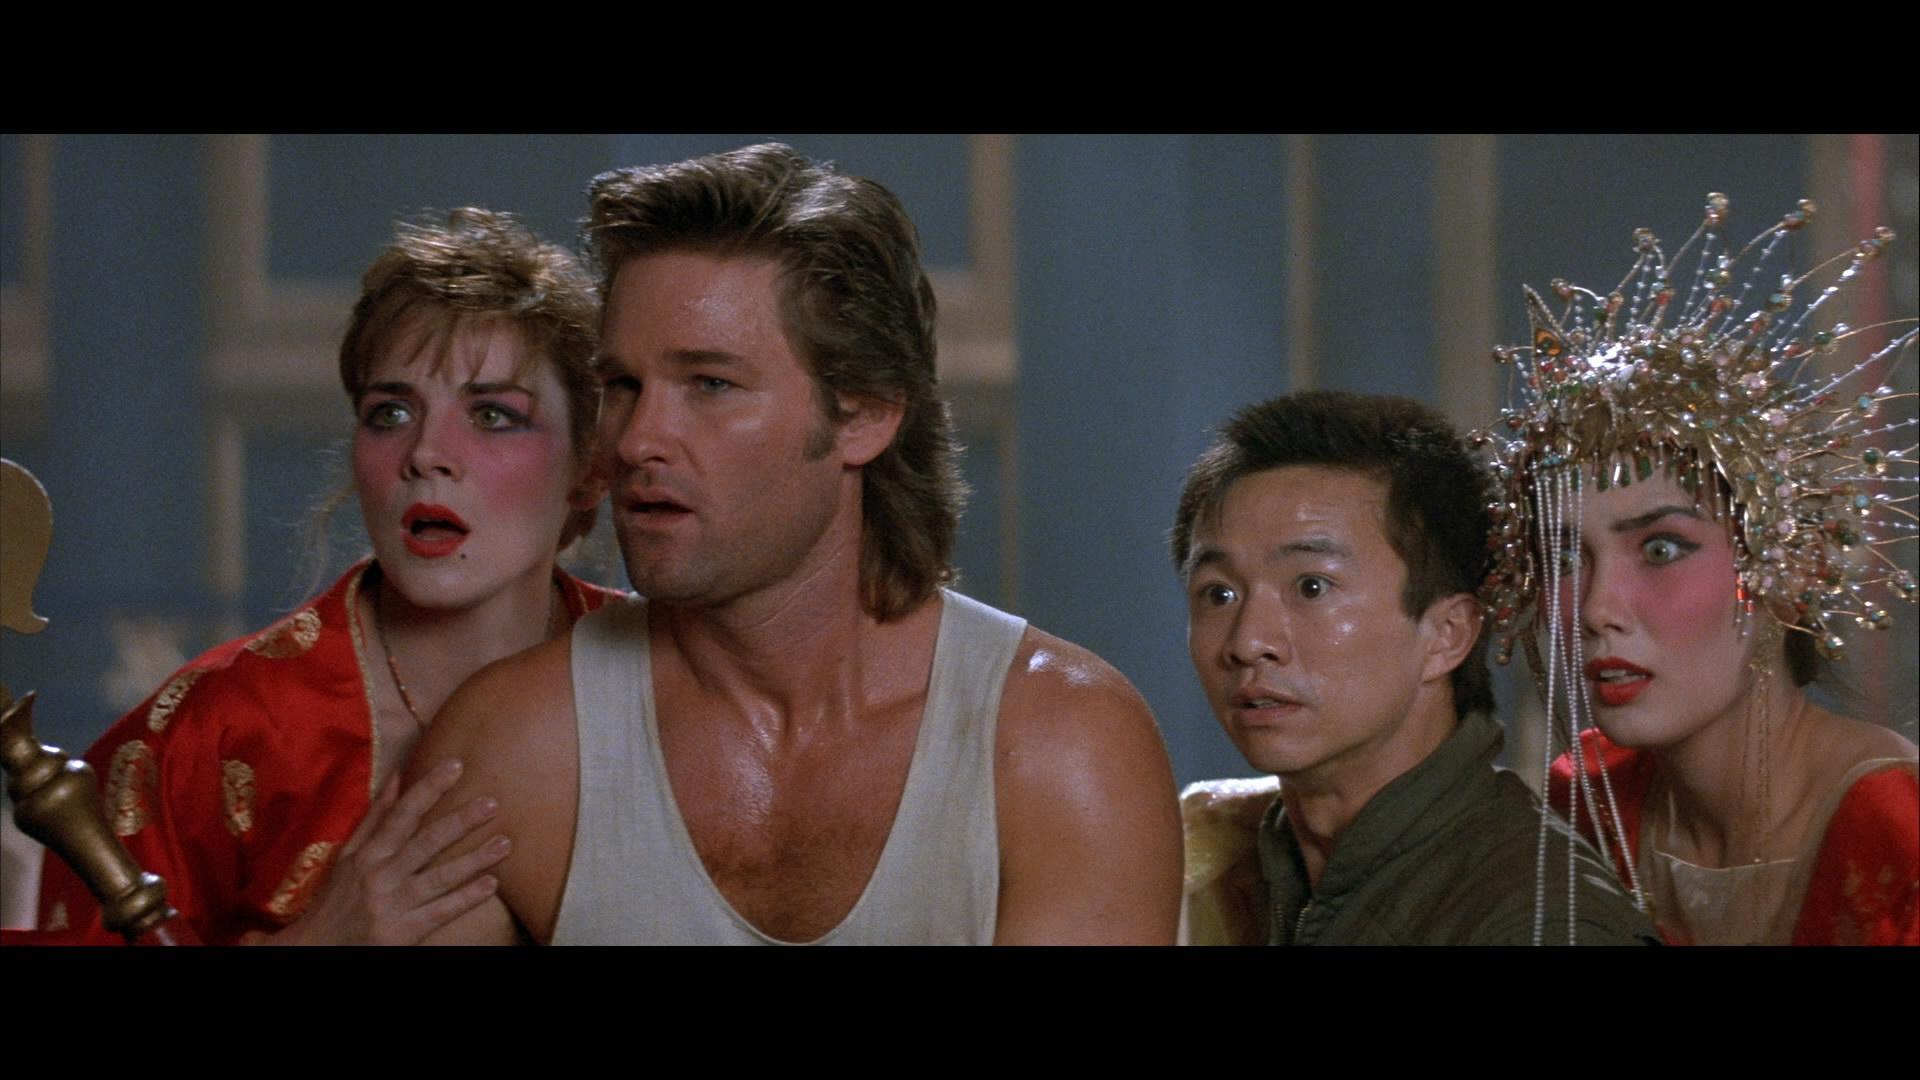 Filmes De Comedia Dos Anos 80 throughout os aventureiros do bairro proibido – um dos melhores filmes de